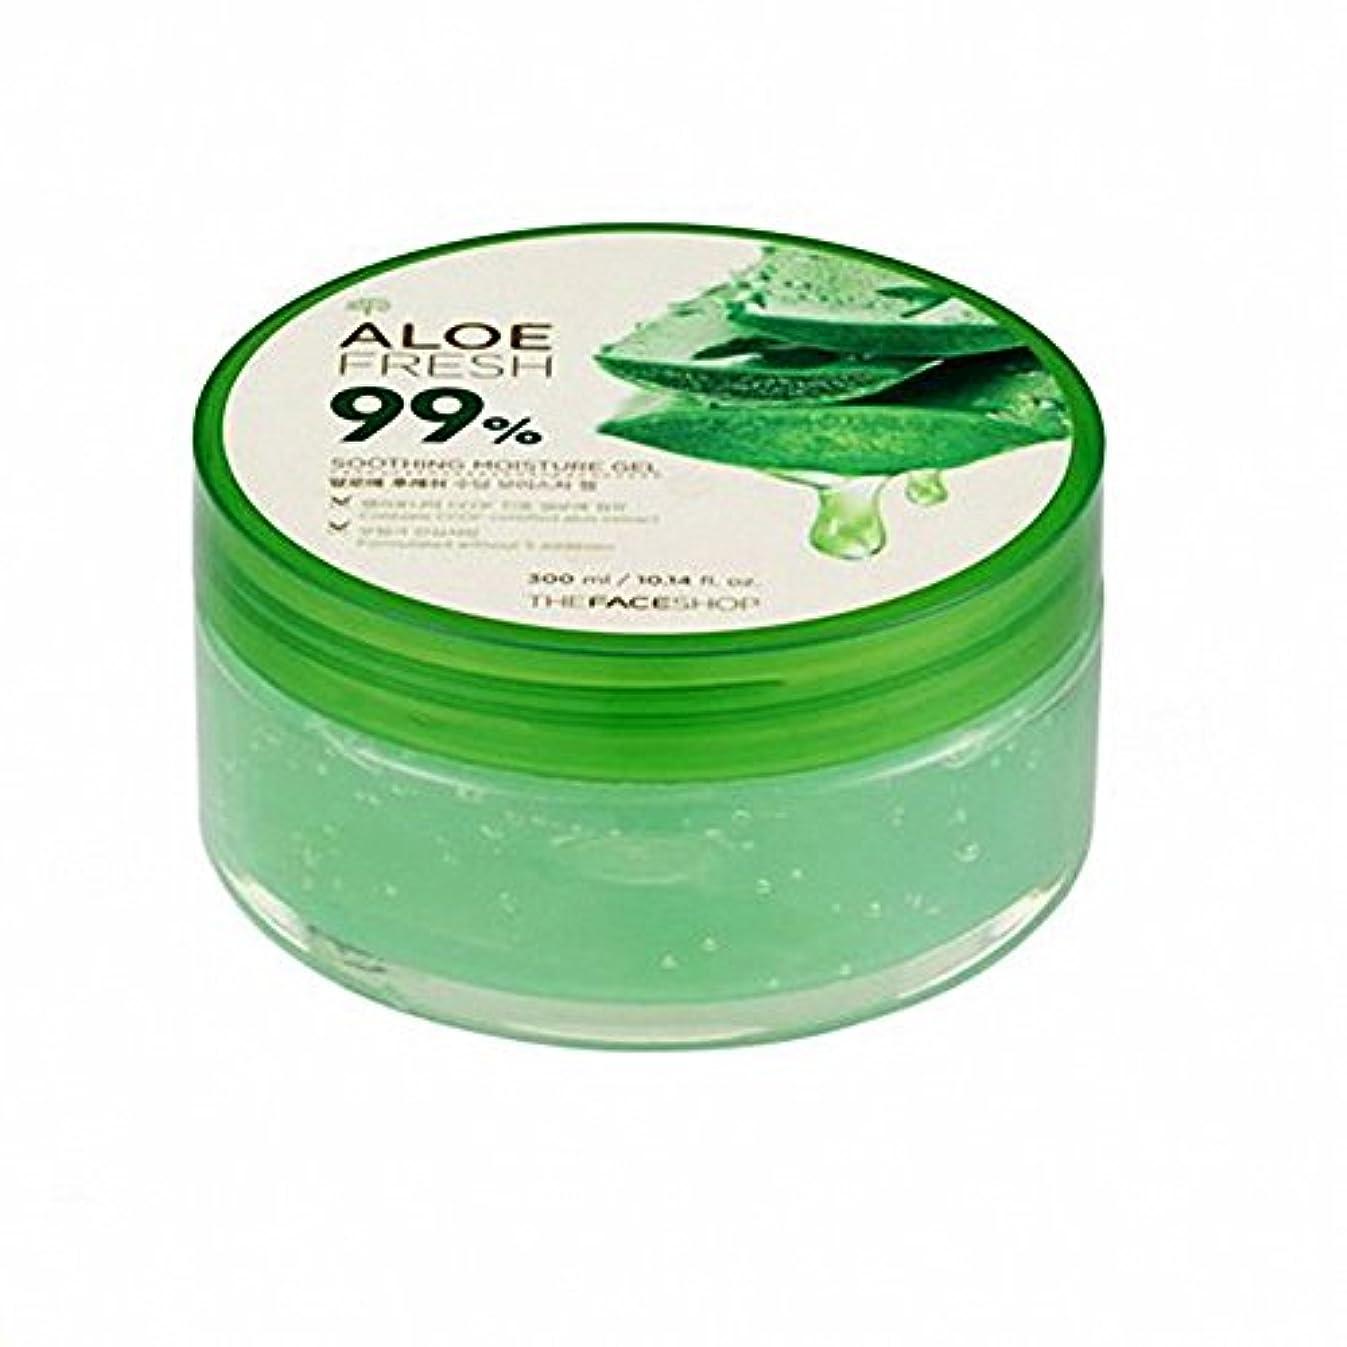 祝福するスカイアンカーザ·フェイスショップ The Face Shopアロエフレッシュスージングモイスチャージェル(300ml) The Face Shop Aloe Fresh Soothing Moisture Gel 300ml [海外直送品]